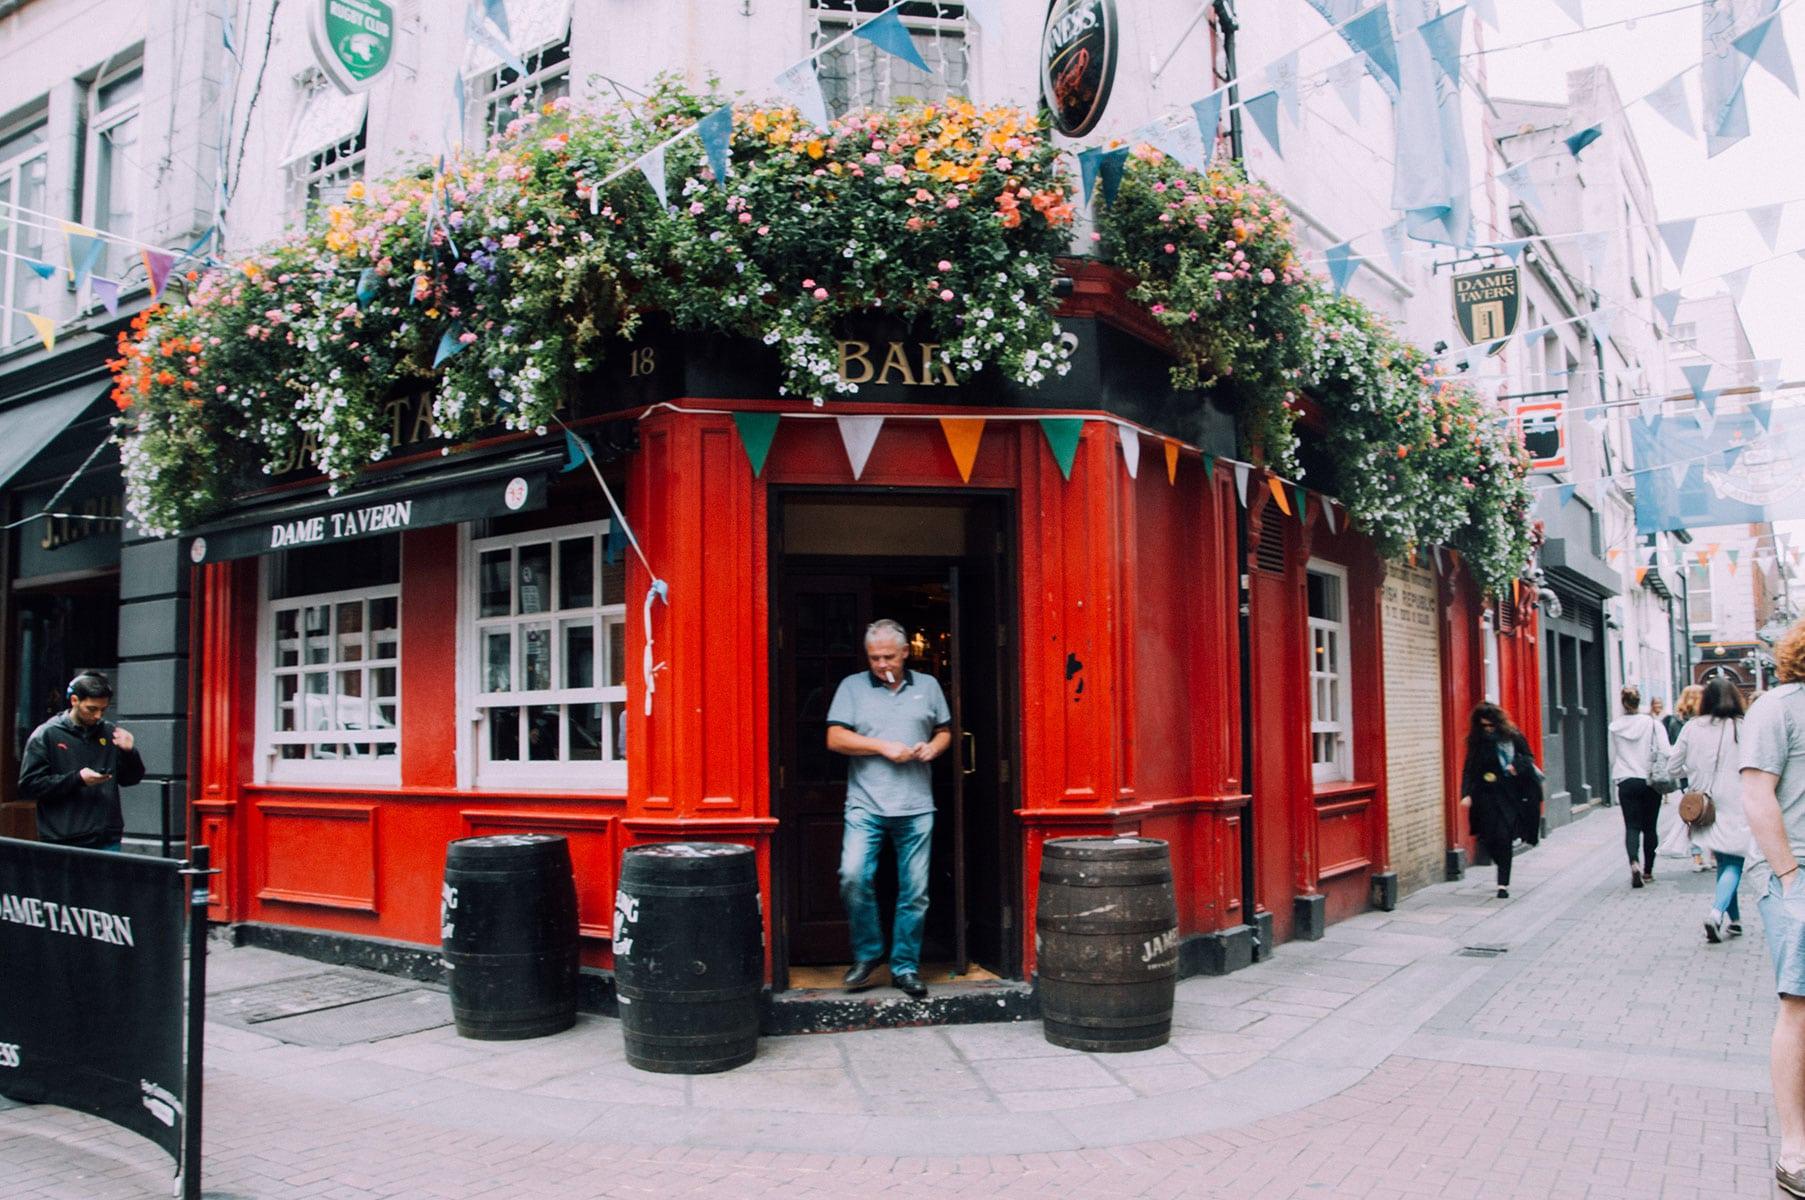 dublin_pub_dame_tavern